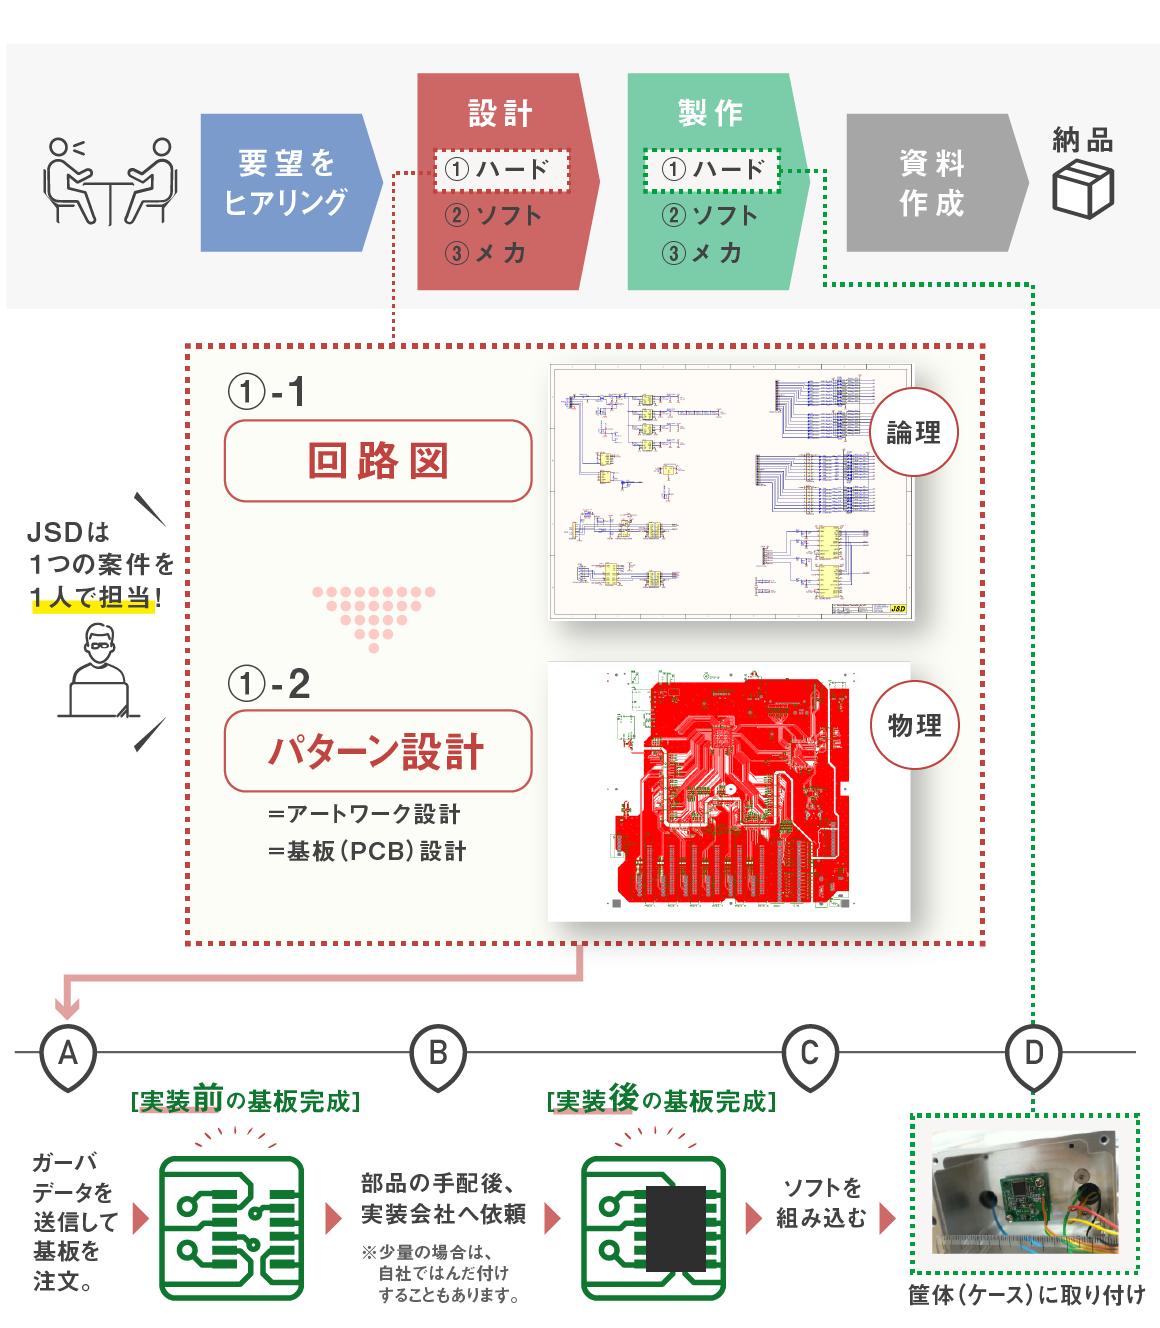 【図解】基板に関係する、開発フロー(回路図→パターン設計を経て → 実装前の基板ができます。)